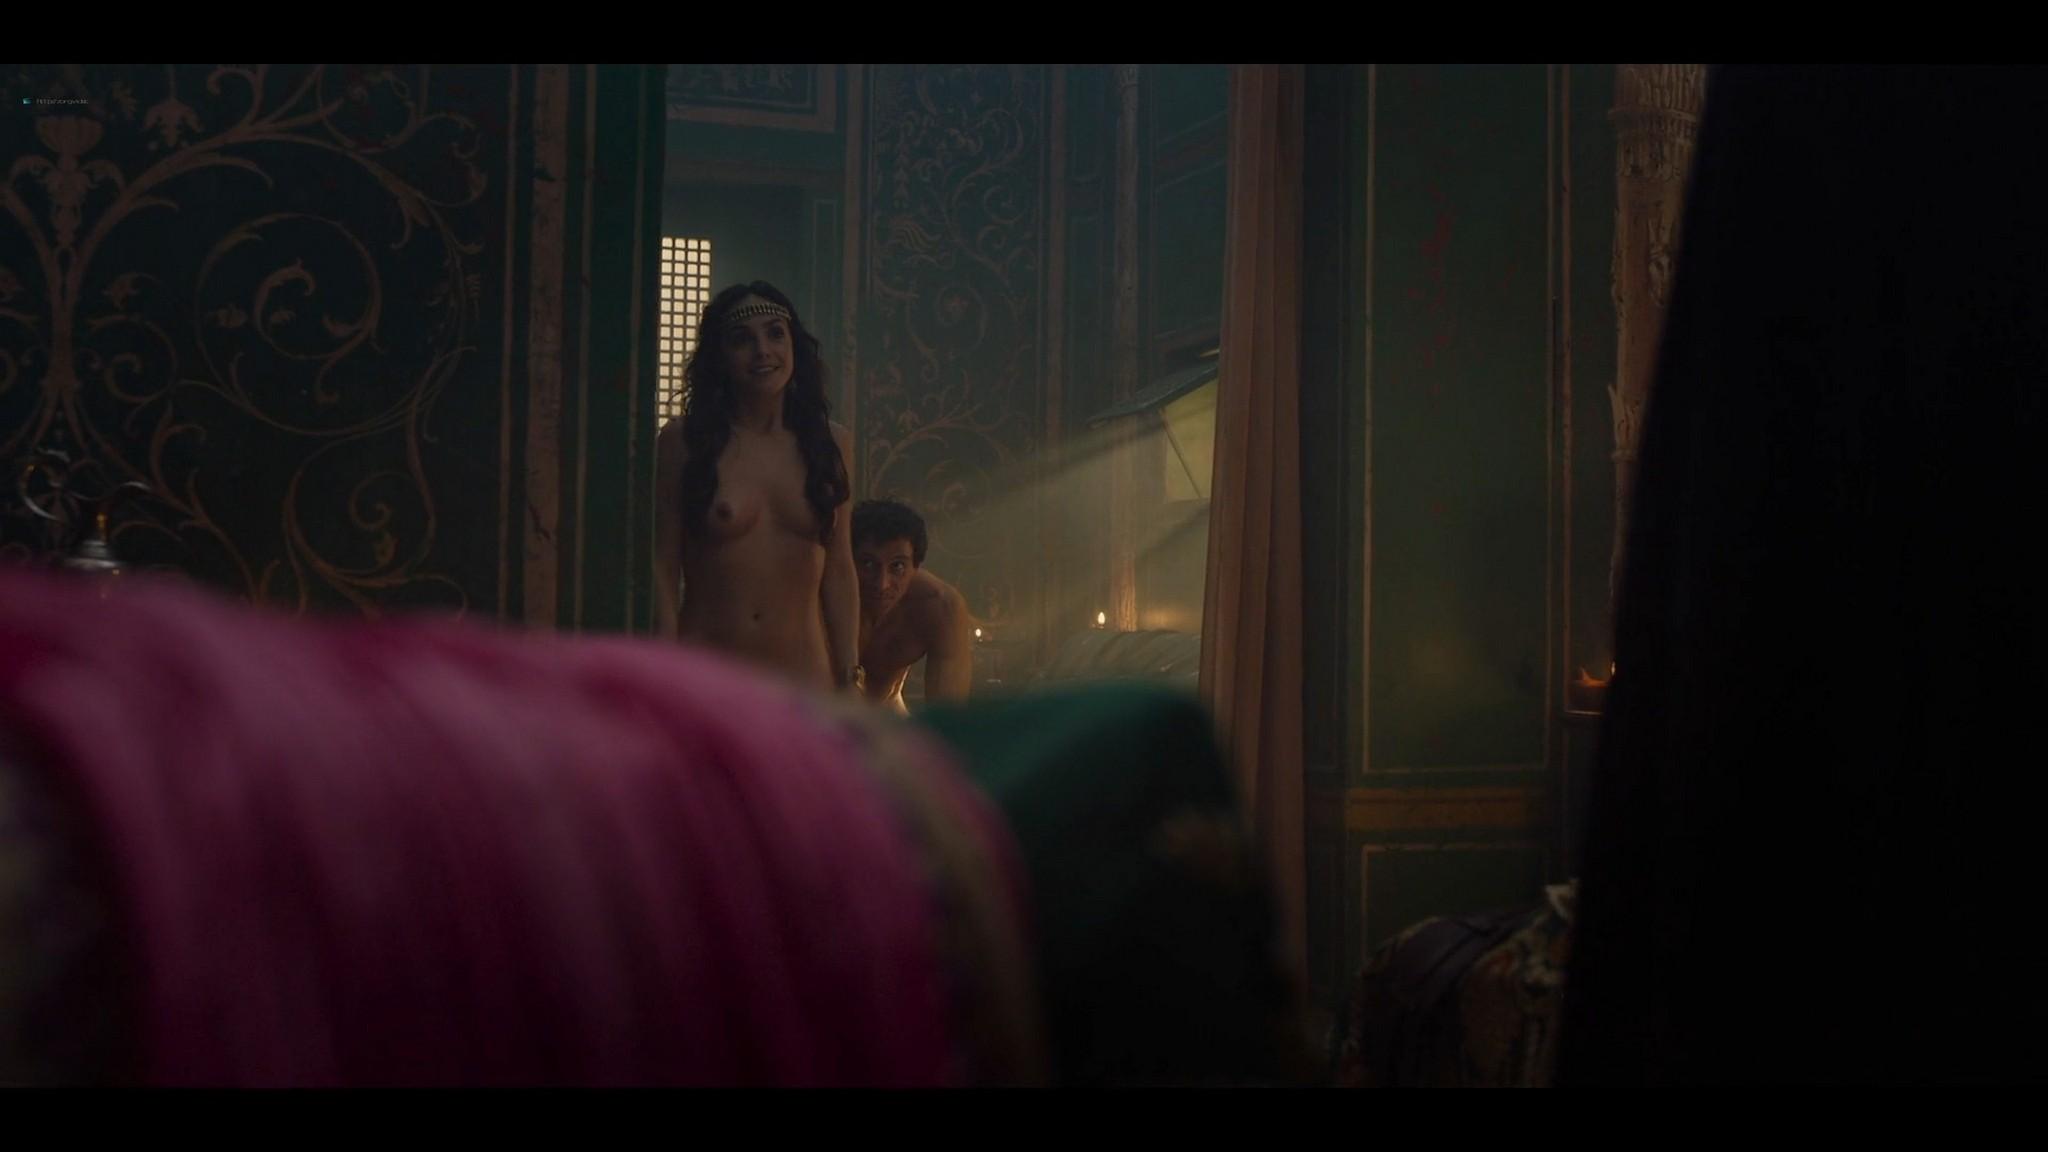 Kasia Smutniak nude sex Alais Lawson nude butt Domina 2021 S1 1080p Web 8